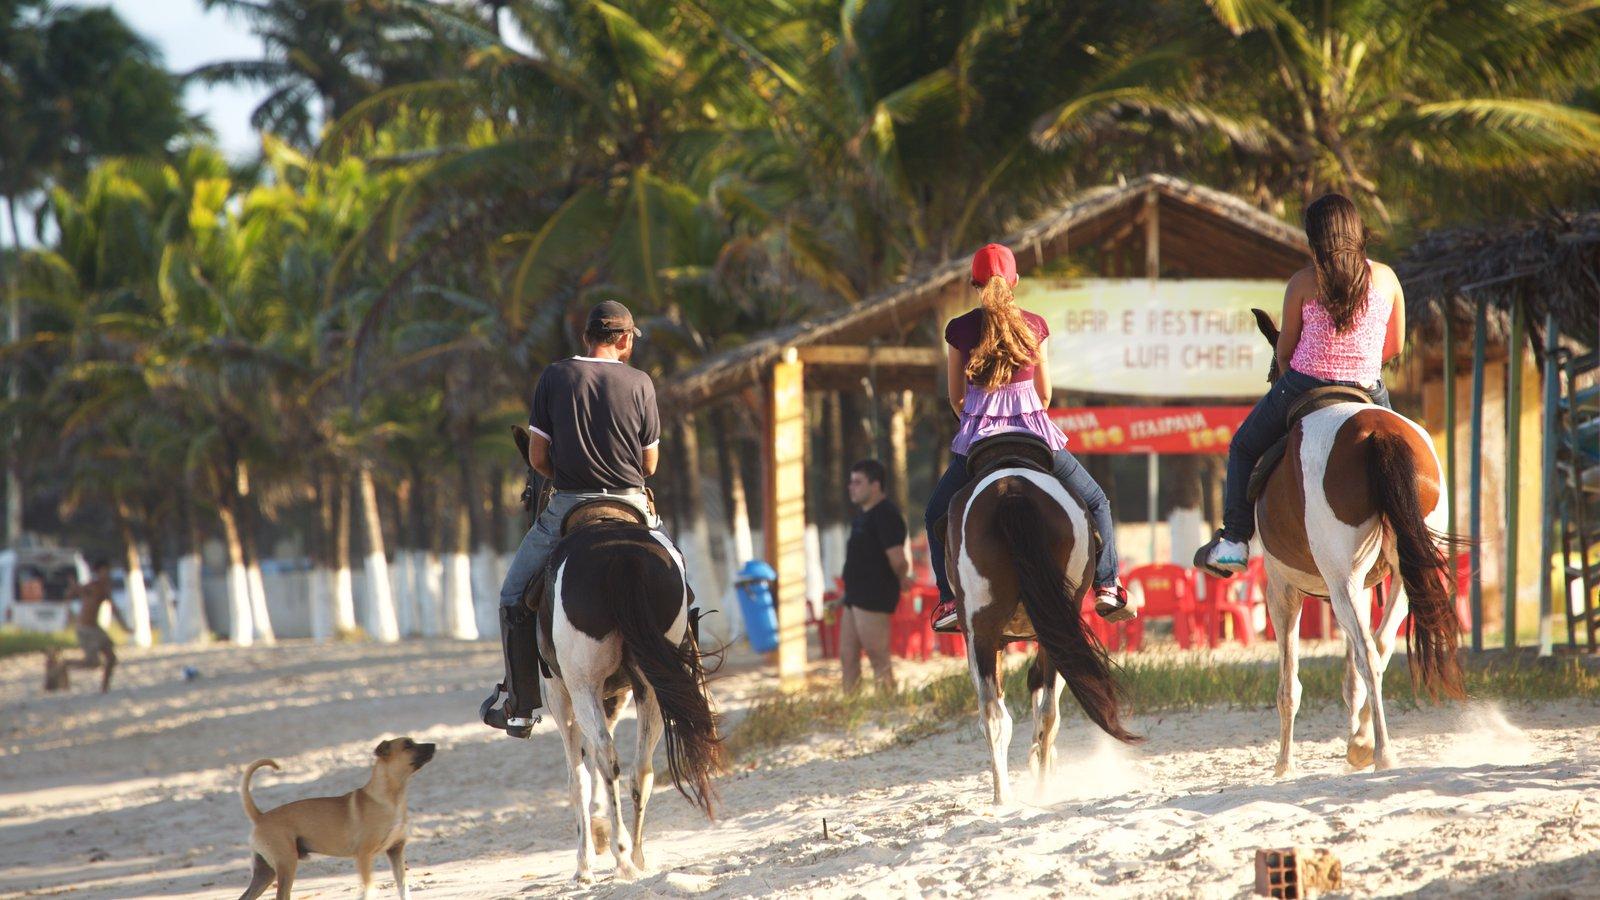 Praia de Maracaípe que inclui uma praia, cenas tropicais e paisagens litorâneas